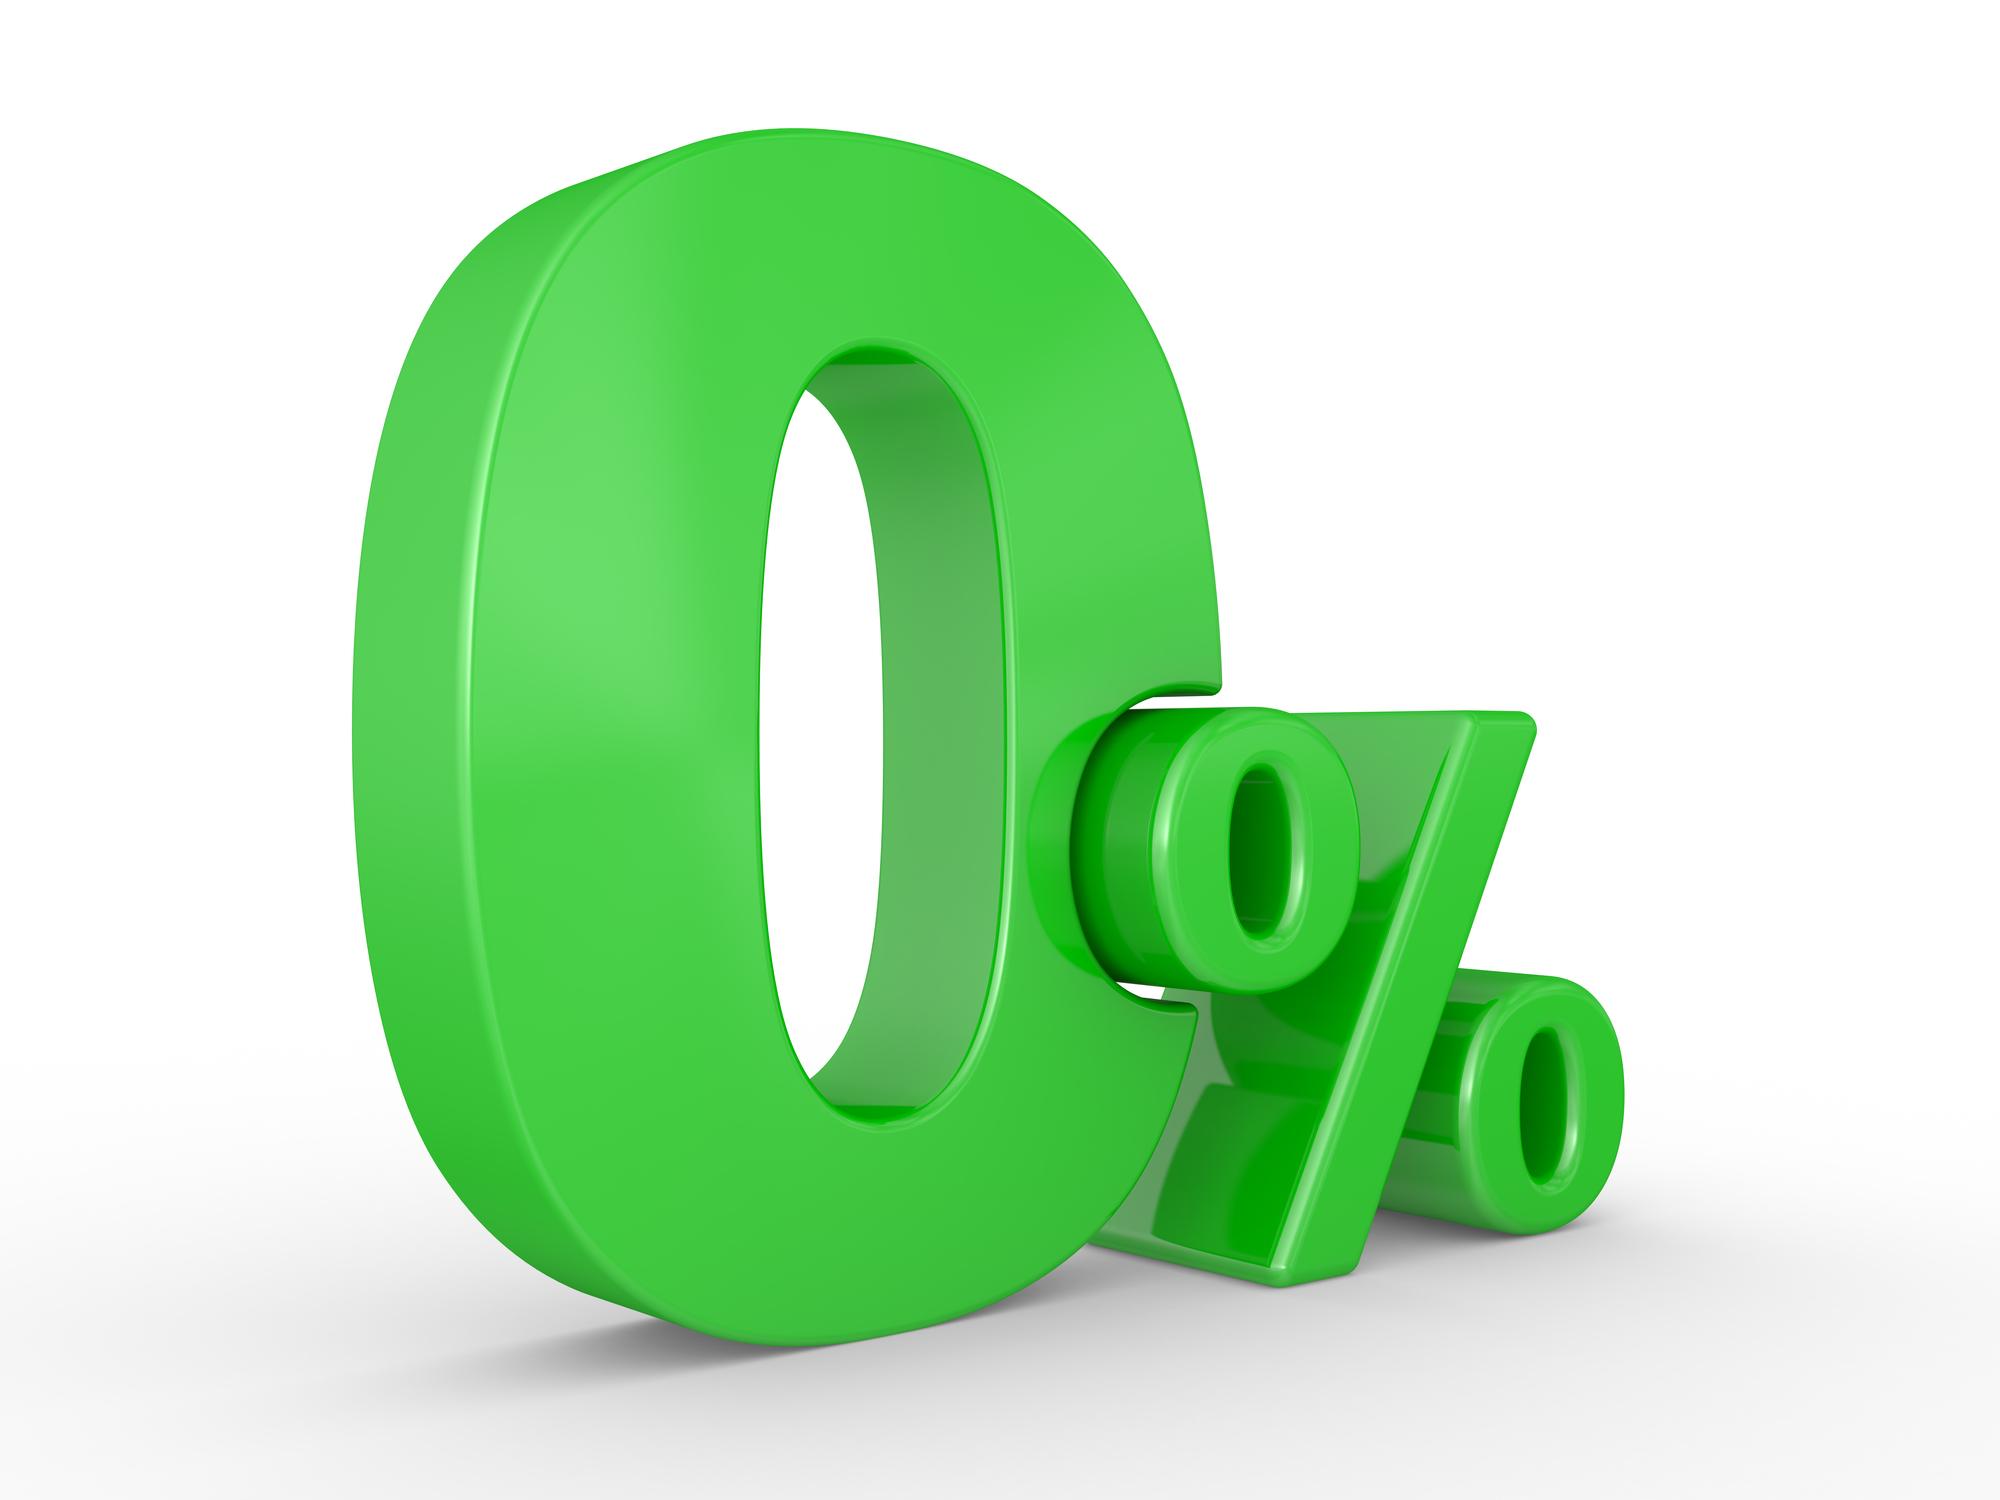 кредит с плохой кредитной историей в кирове 100 одобрения